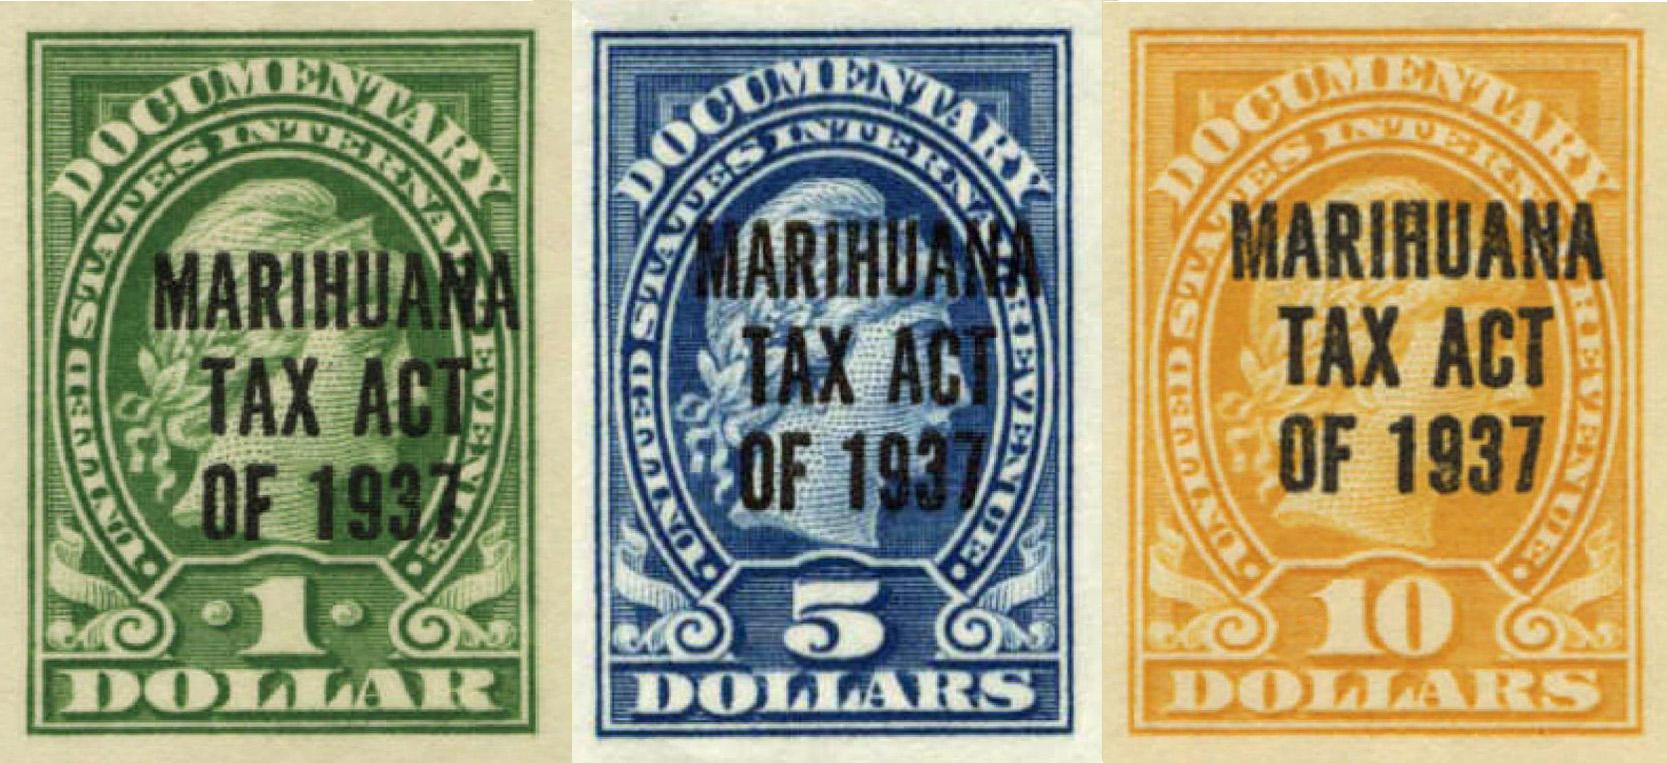 stamps_marijuana_taxact_1937